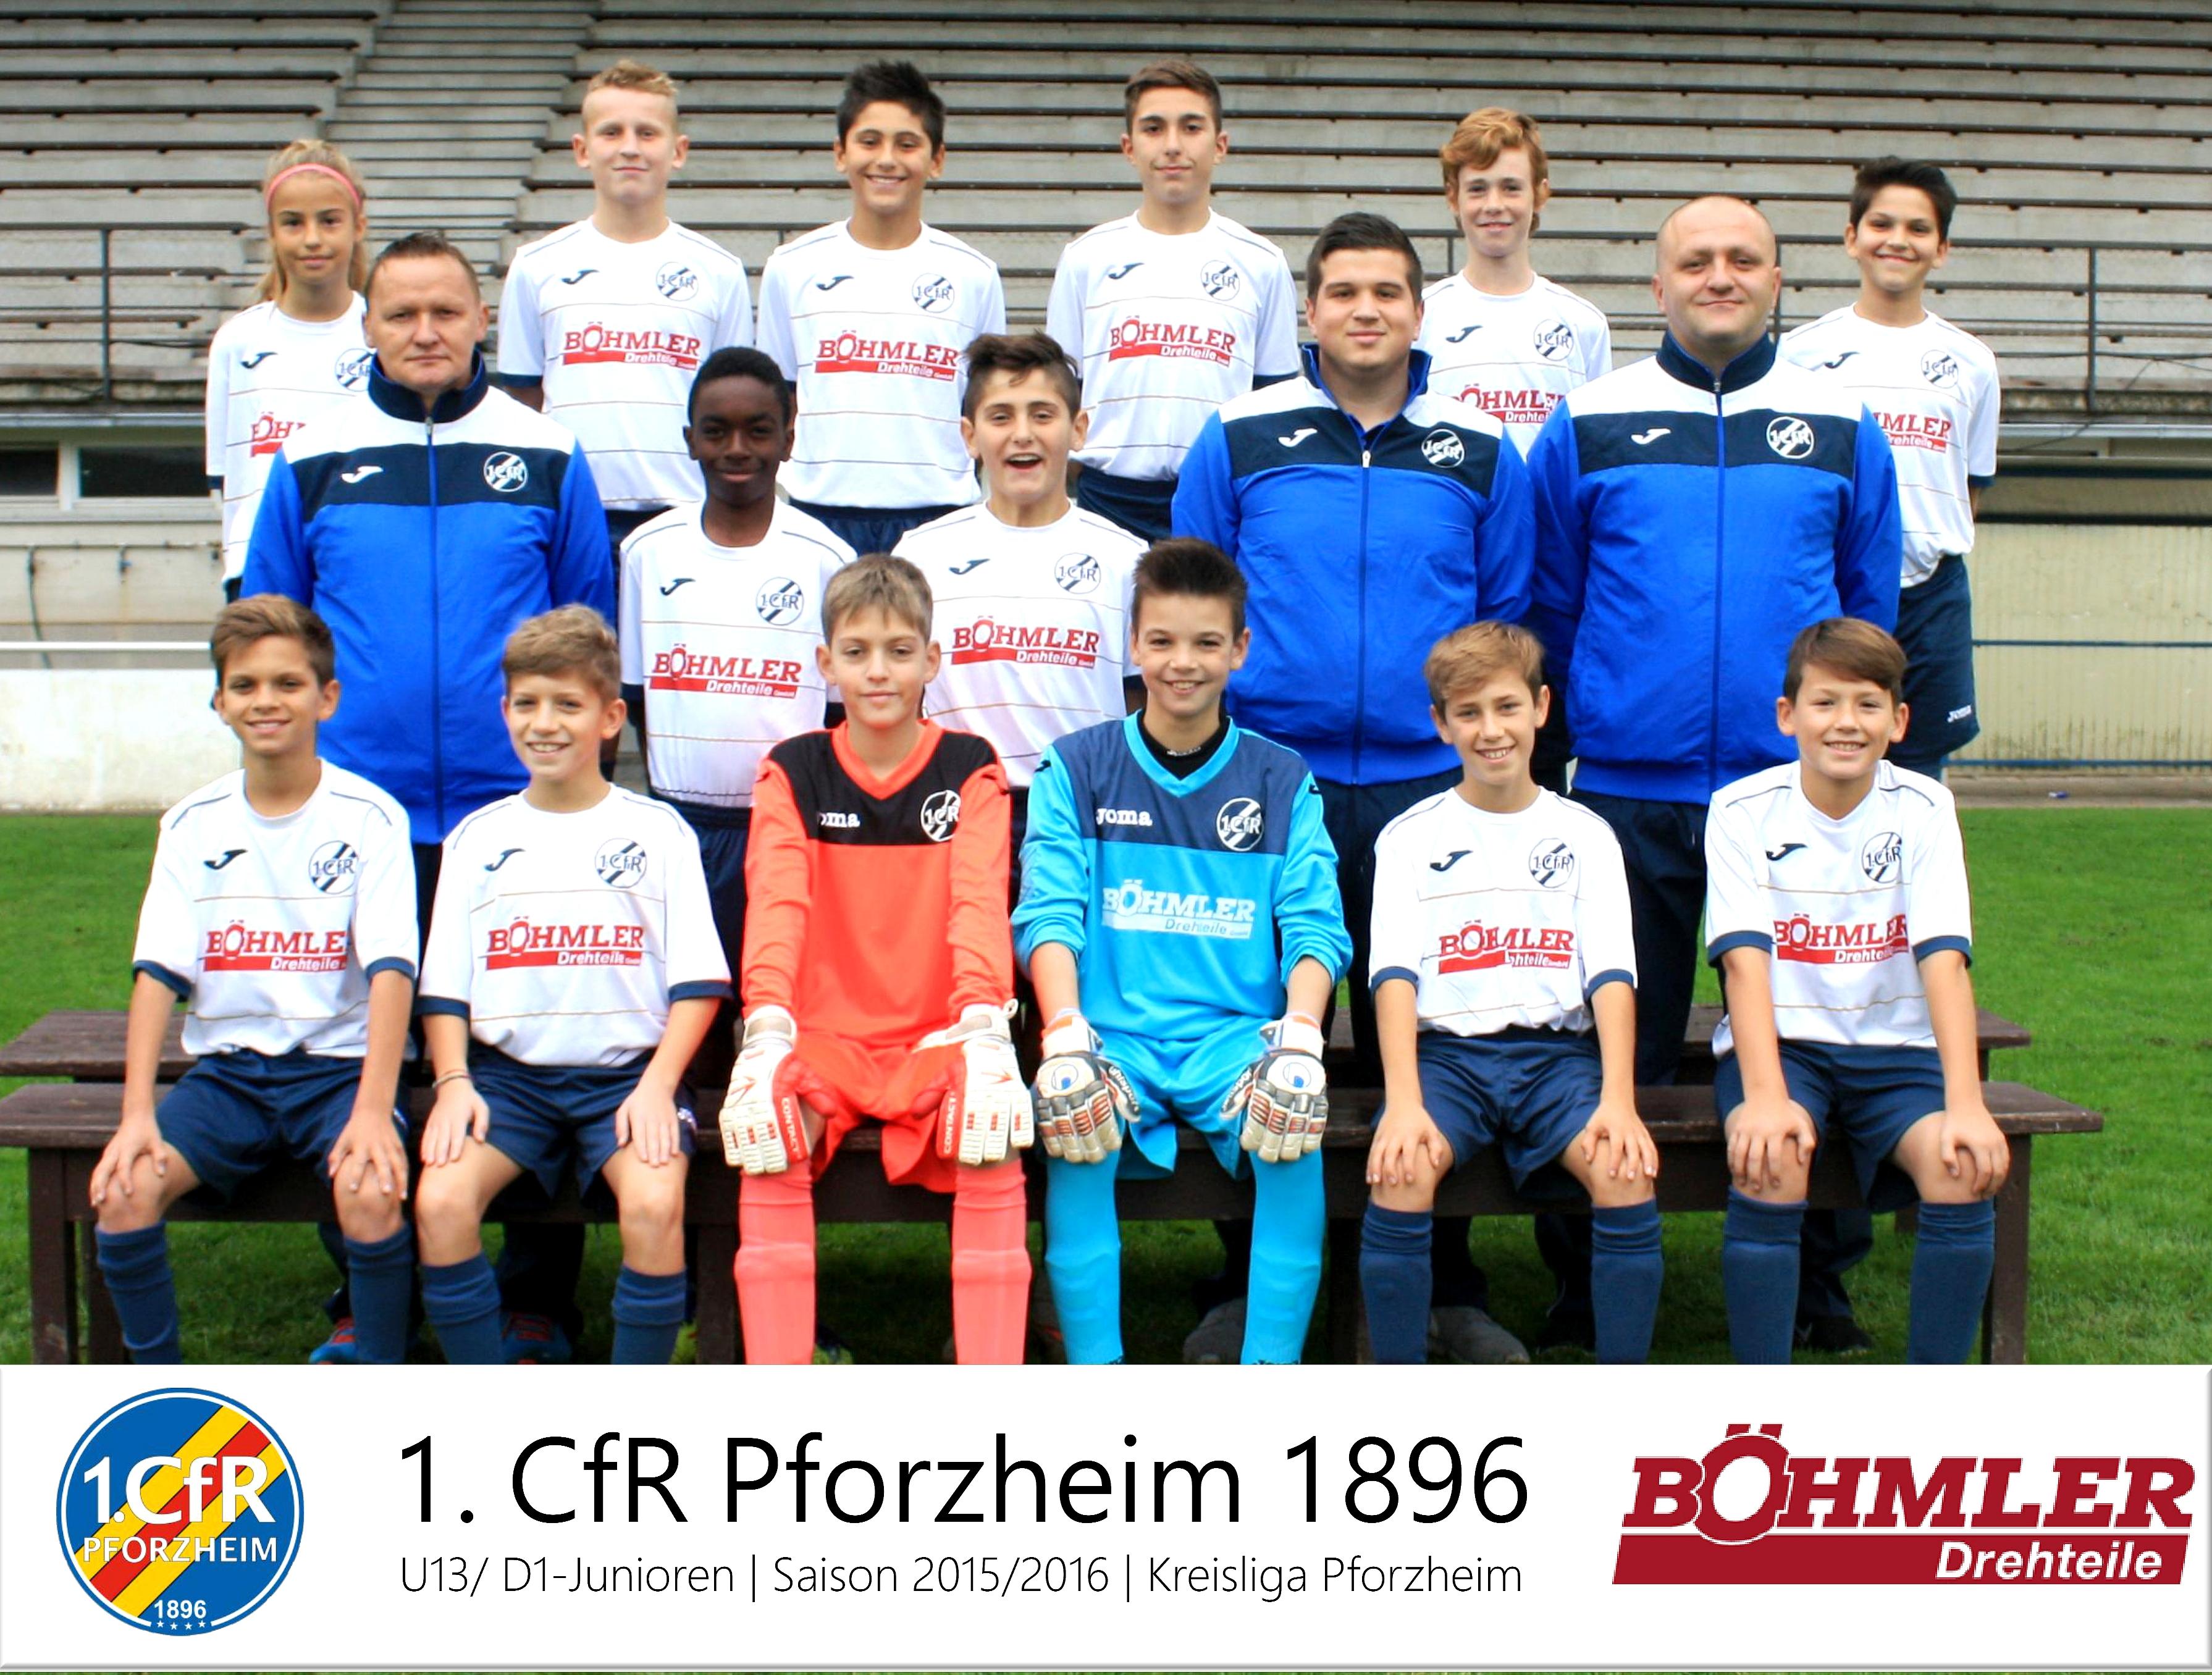 Teamfoto CfR-Pforzheim D-Junioren-2015